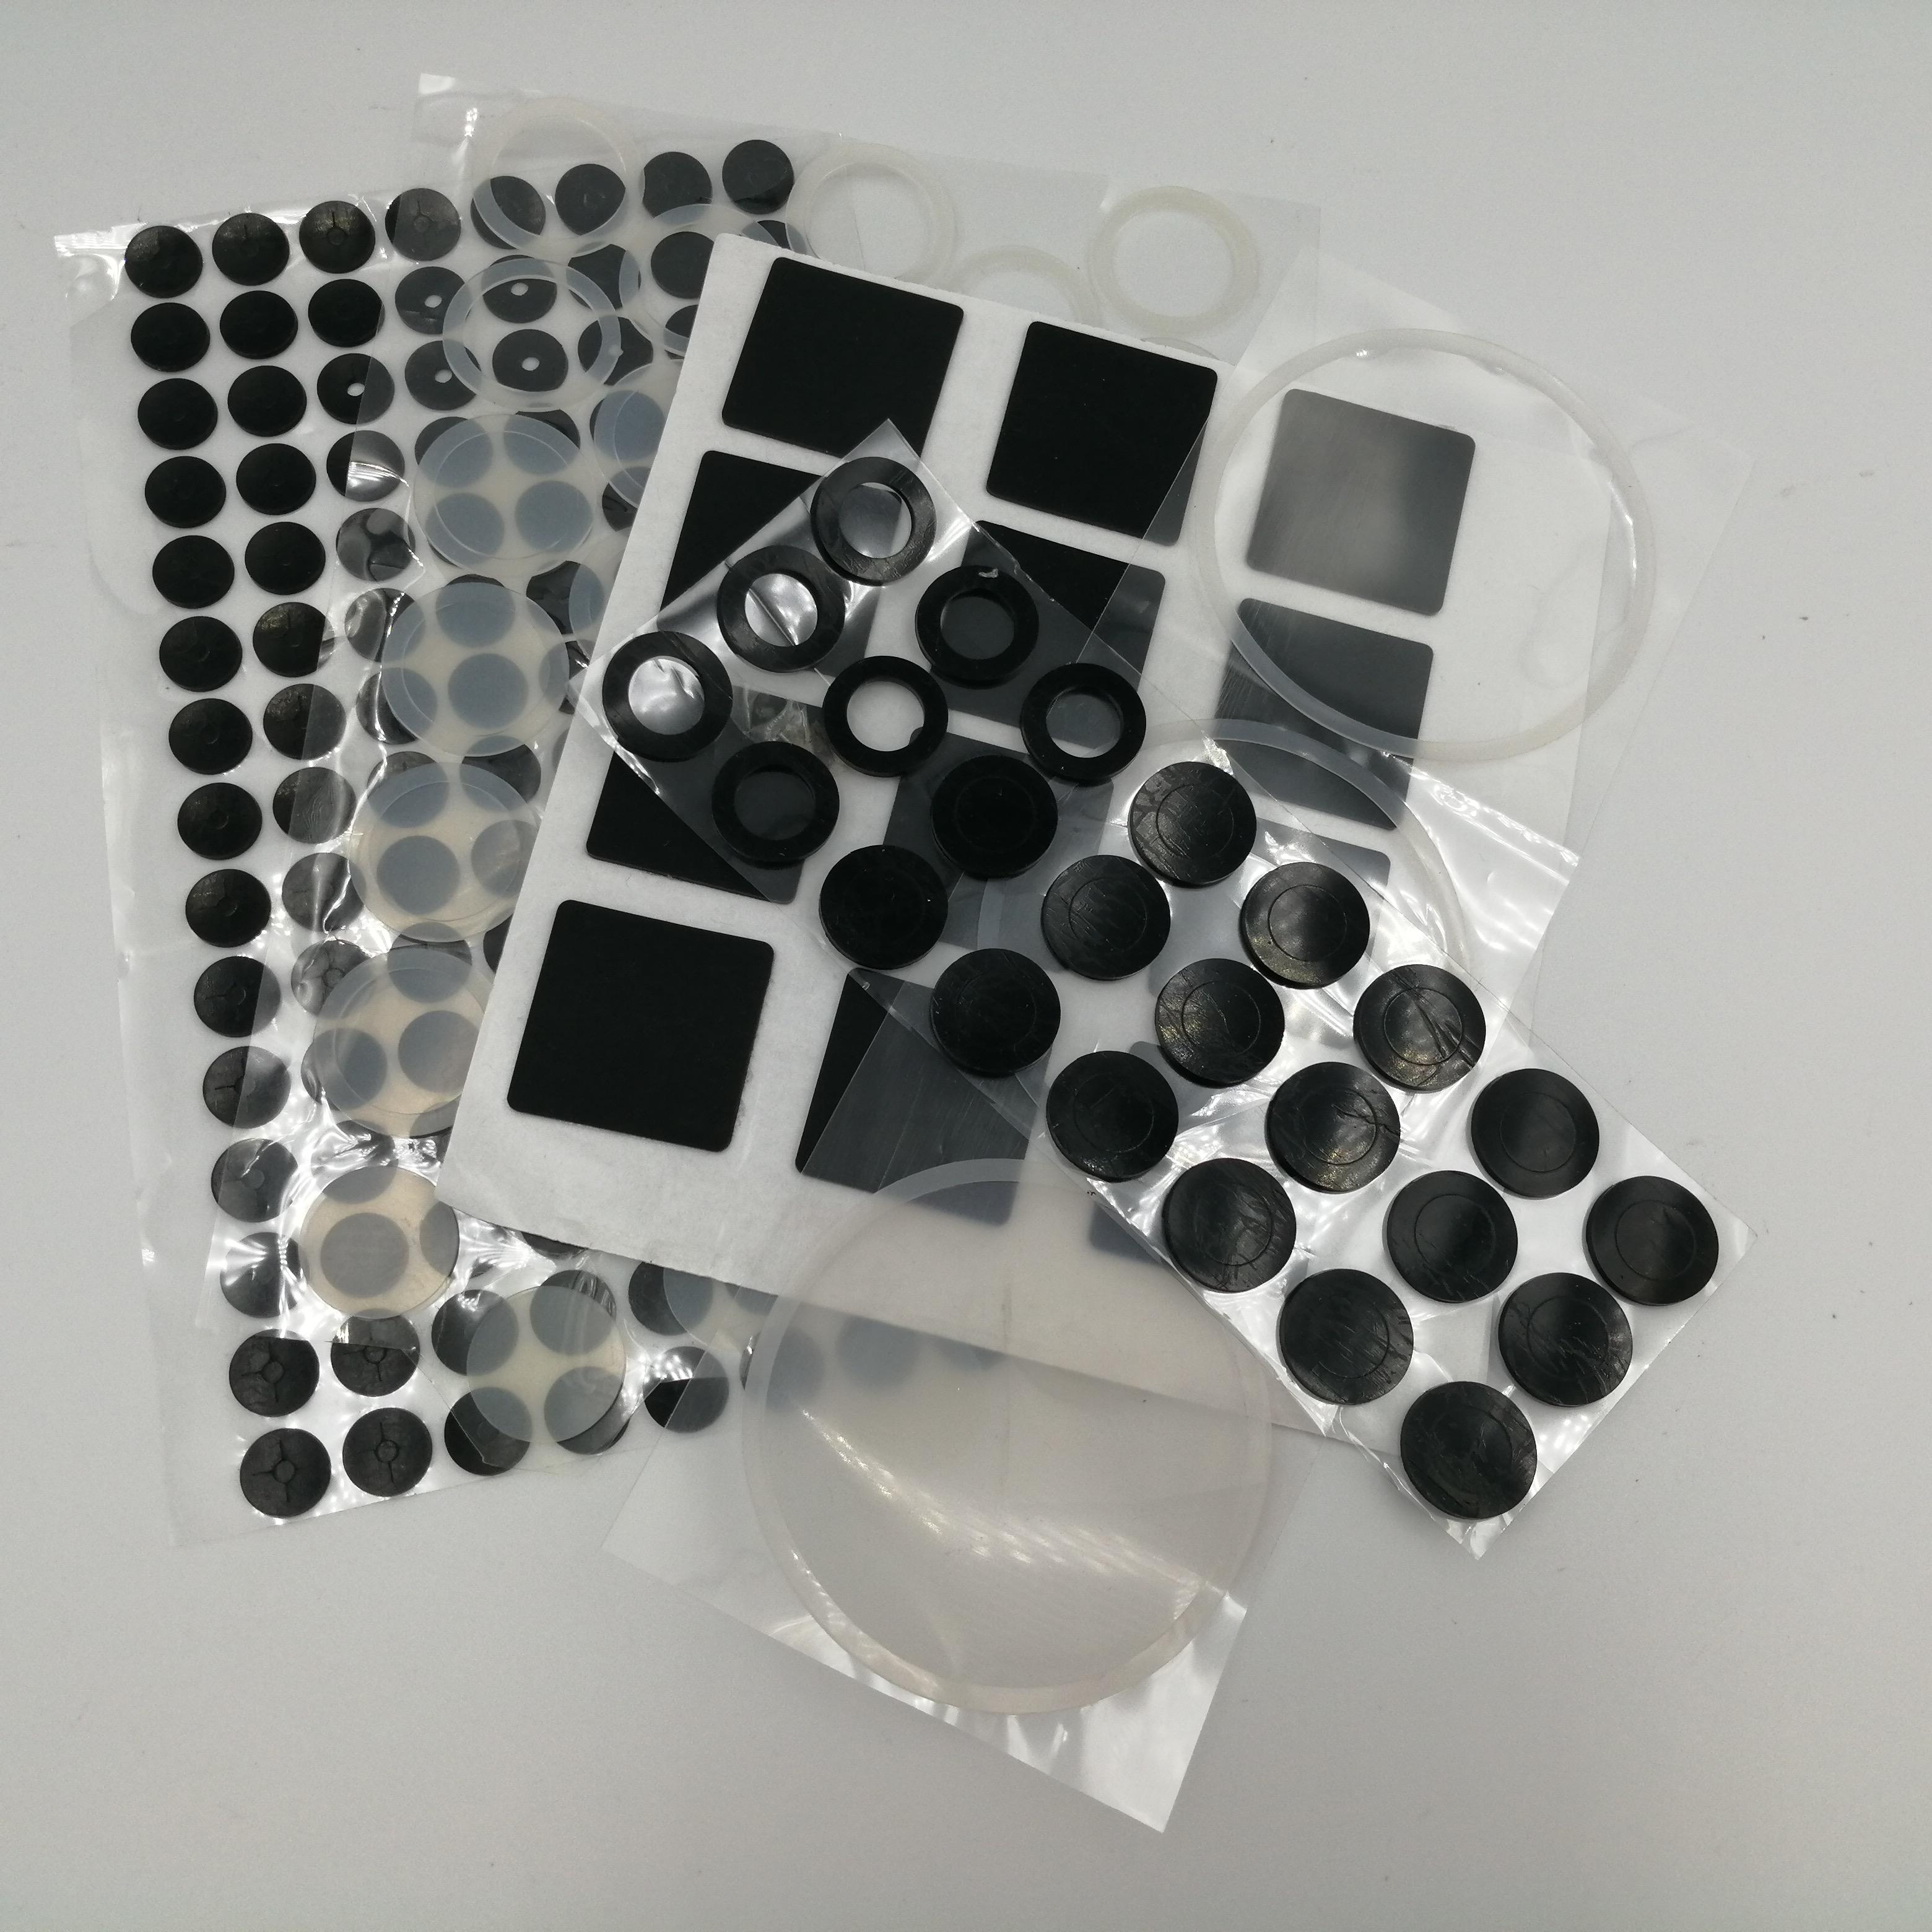 自粘背膠硅膠板膠墊片防滑耐高溫橡膠密封件玻璃減震墊緩沖橡膠條